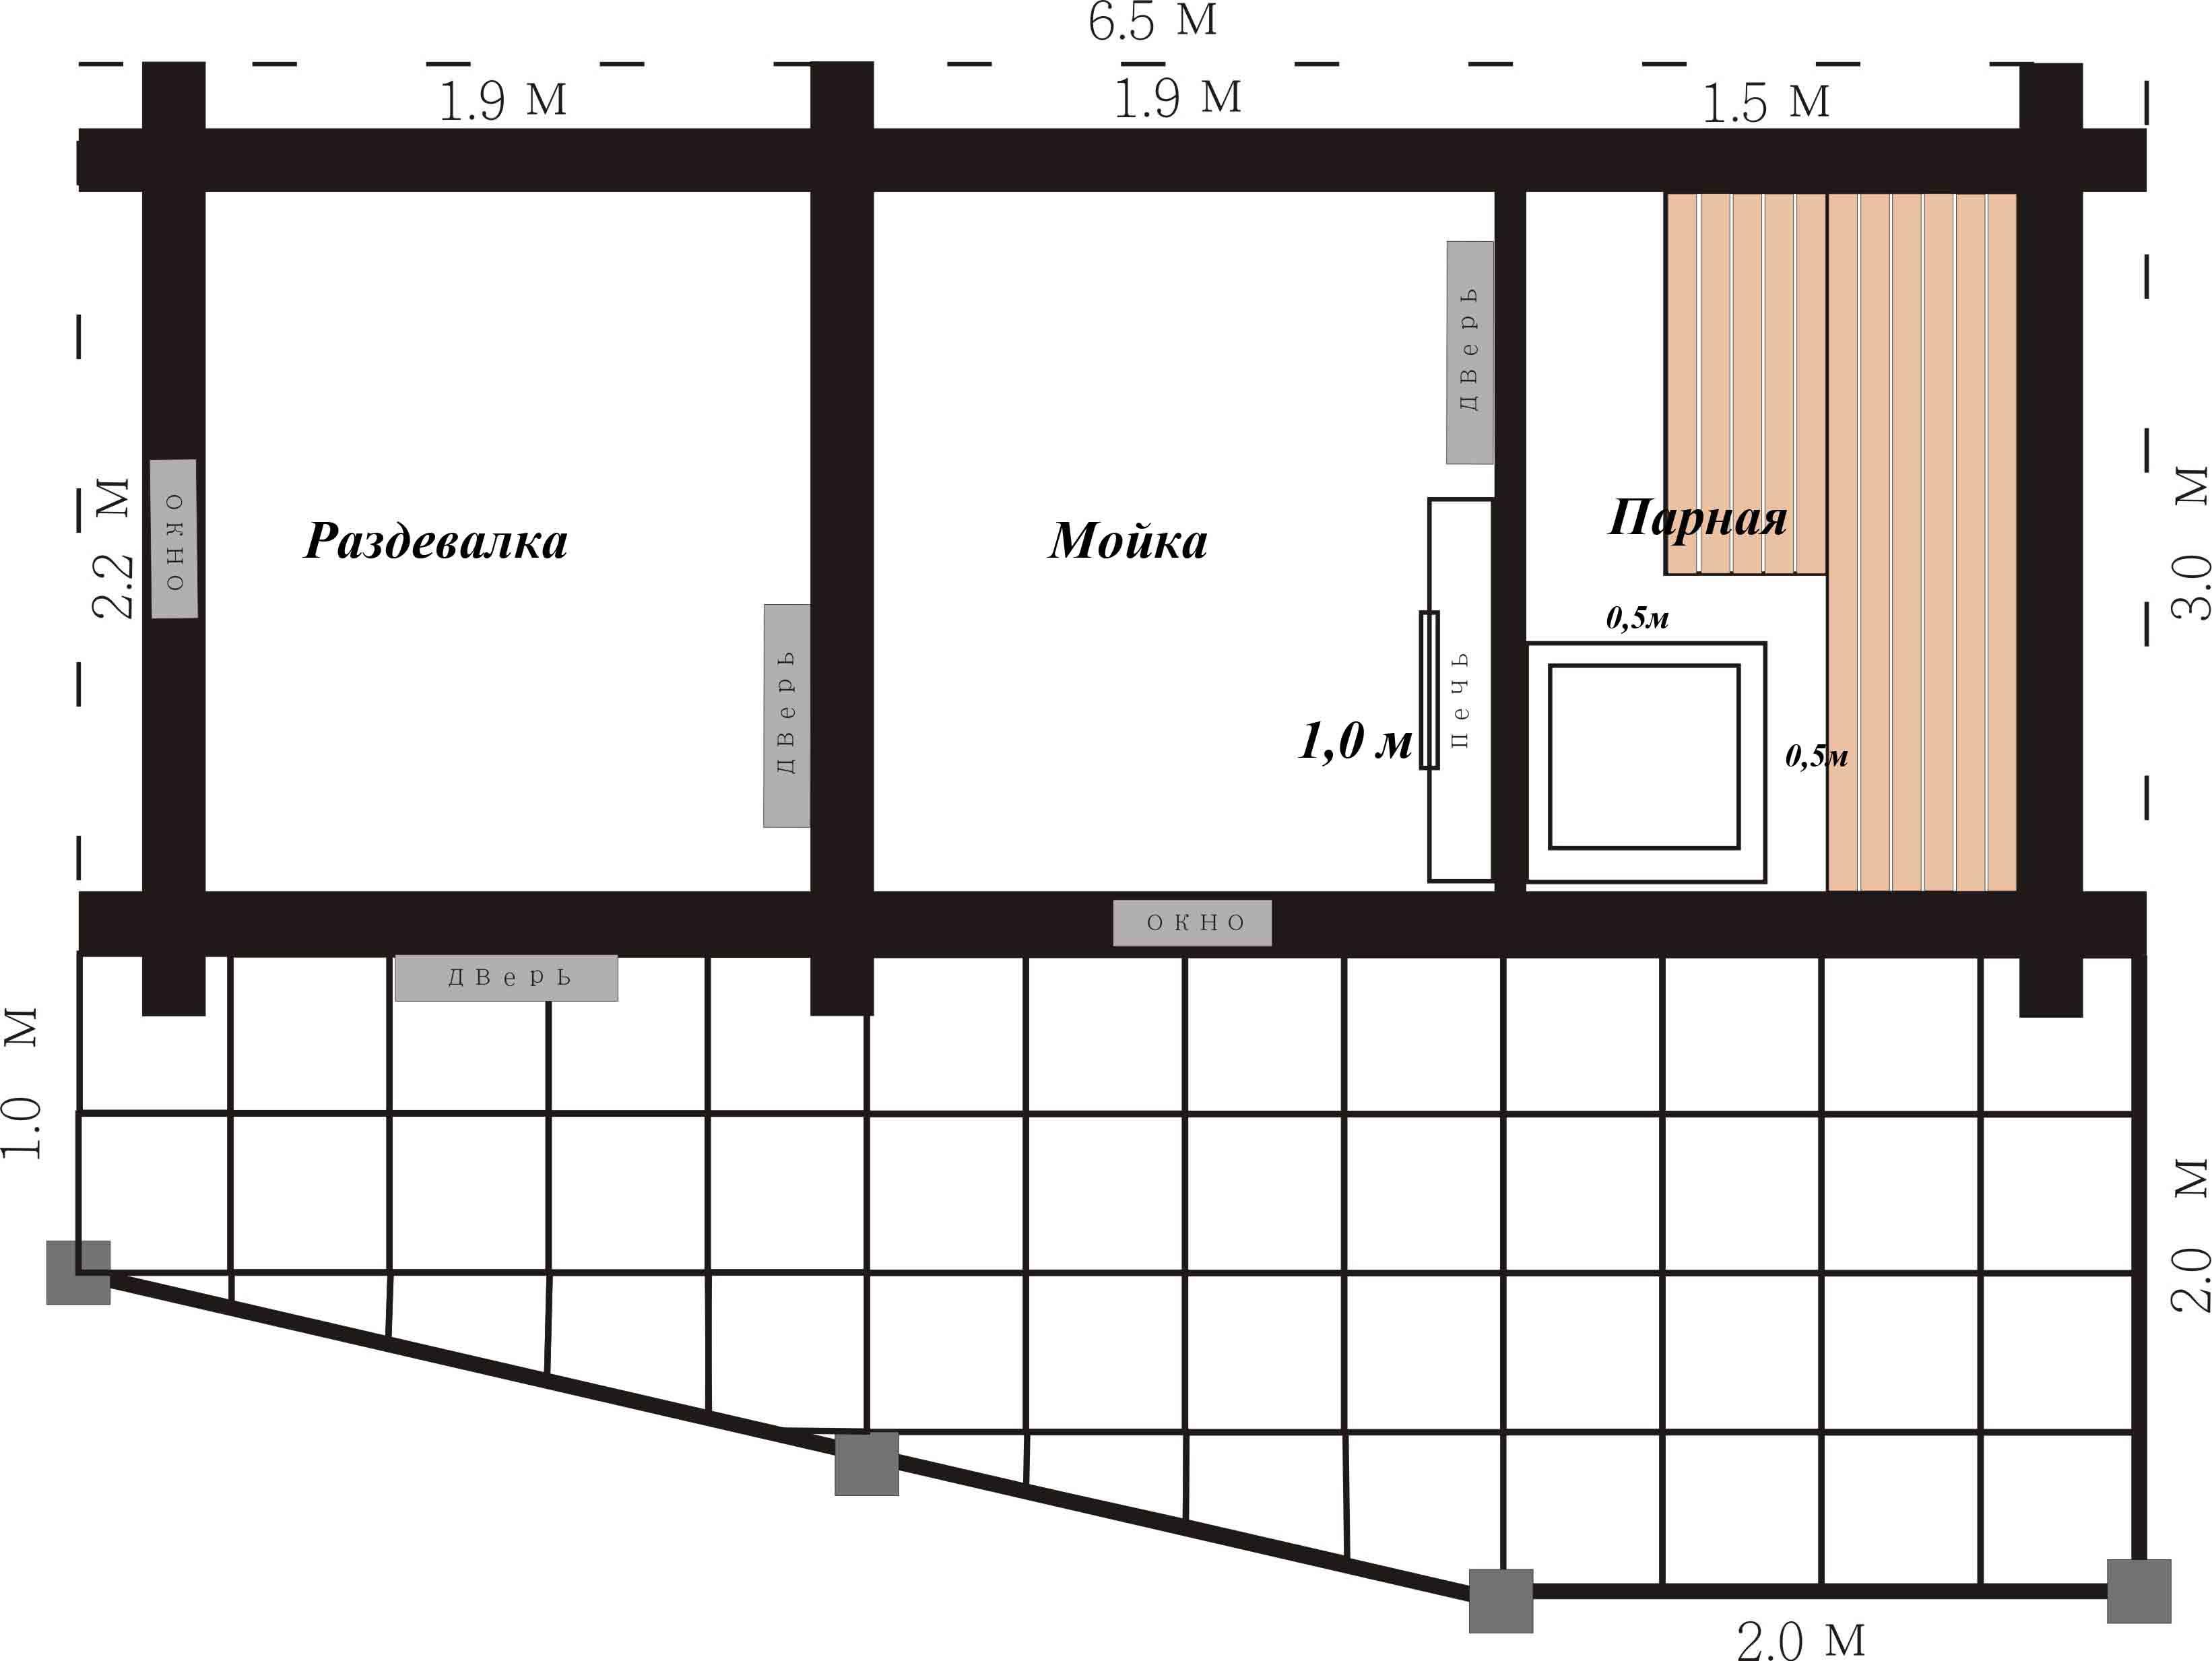 Оптимальные размеры бани: проектирование бани, необходимые размеры и высота, количество помещений, их предназначение